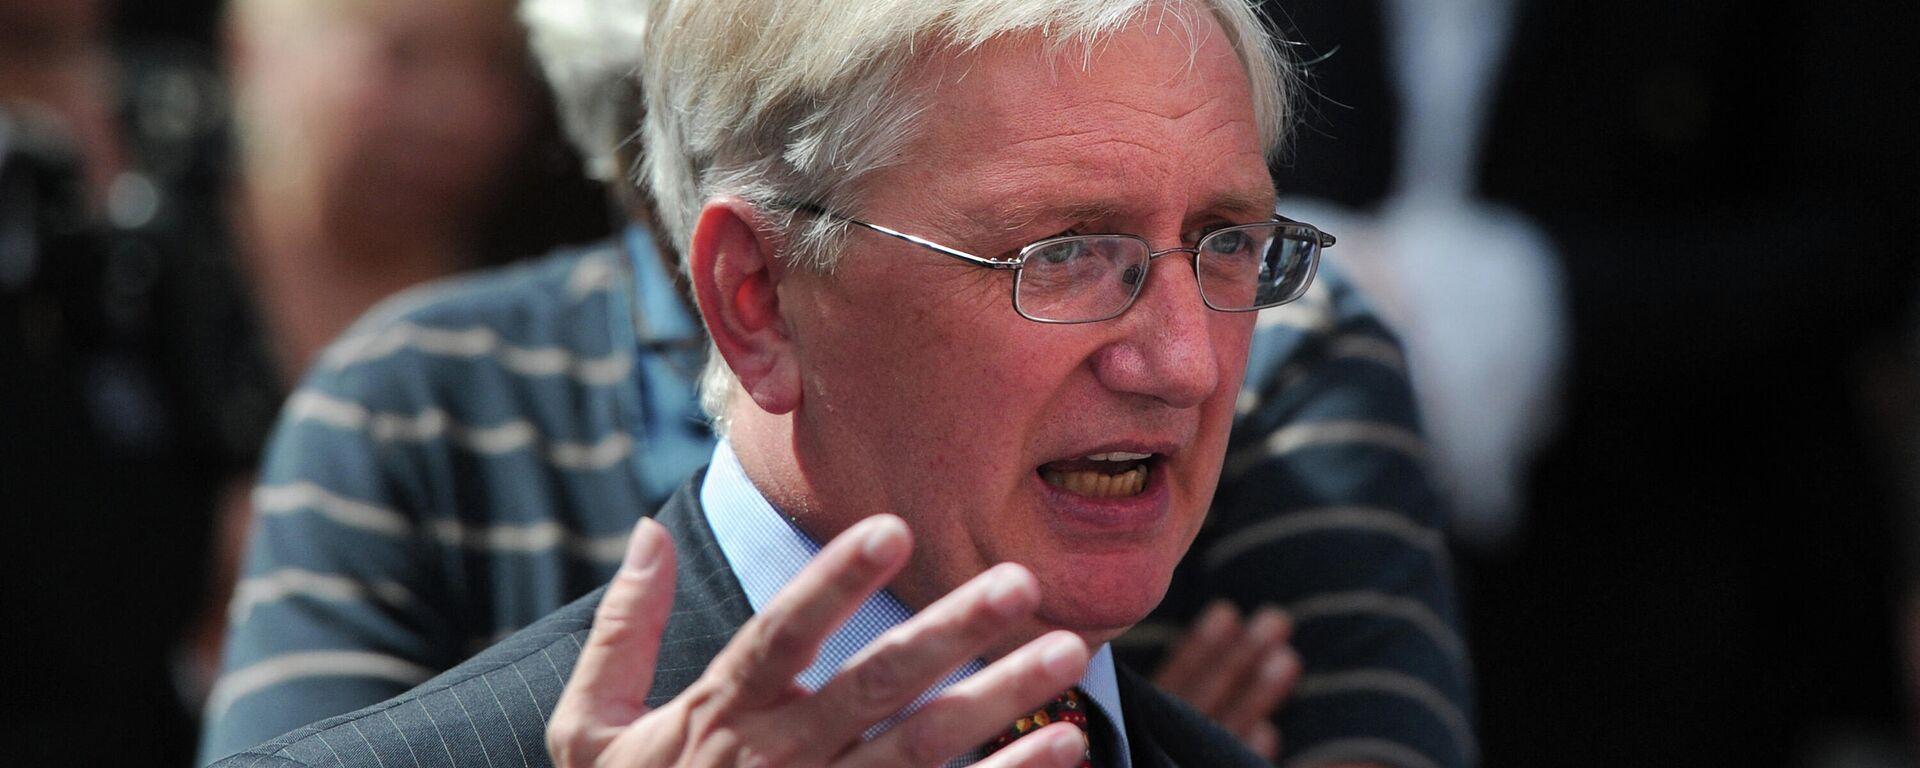 Der ehemalige britische Diplomat Craig Murray (Archivbild) - SNA, 1920, 14.05.2021